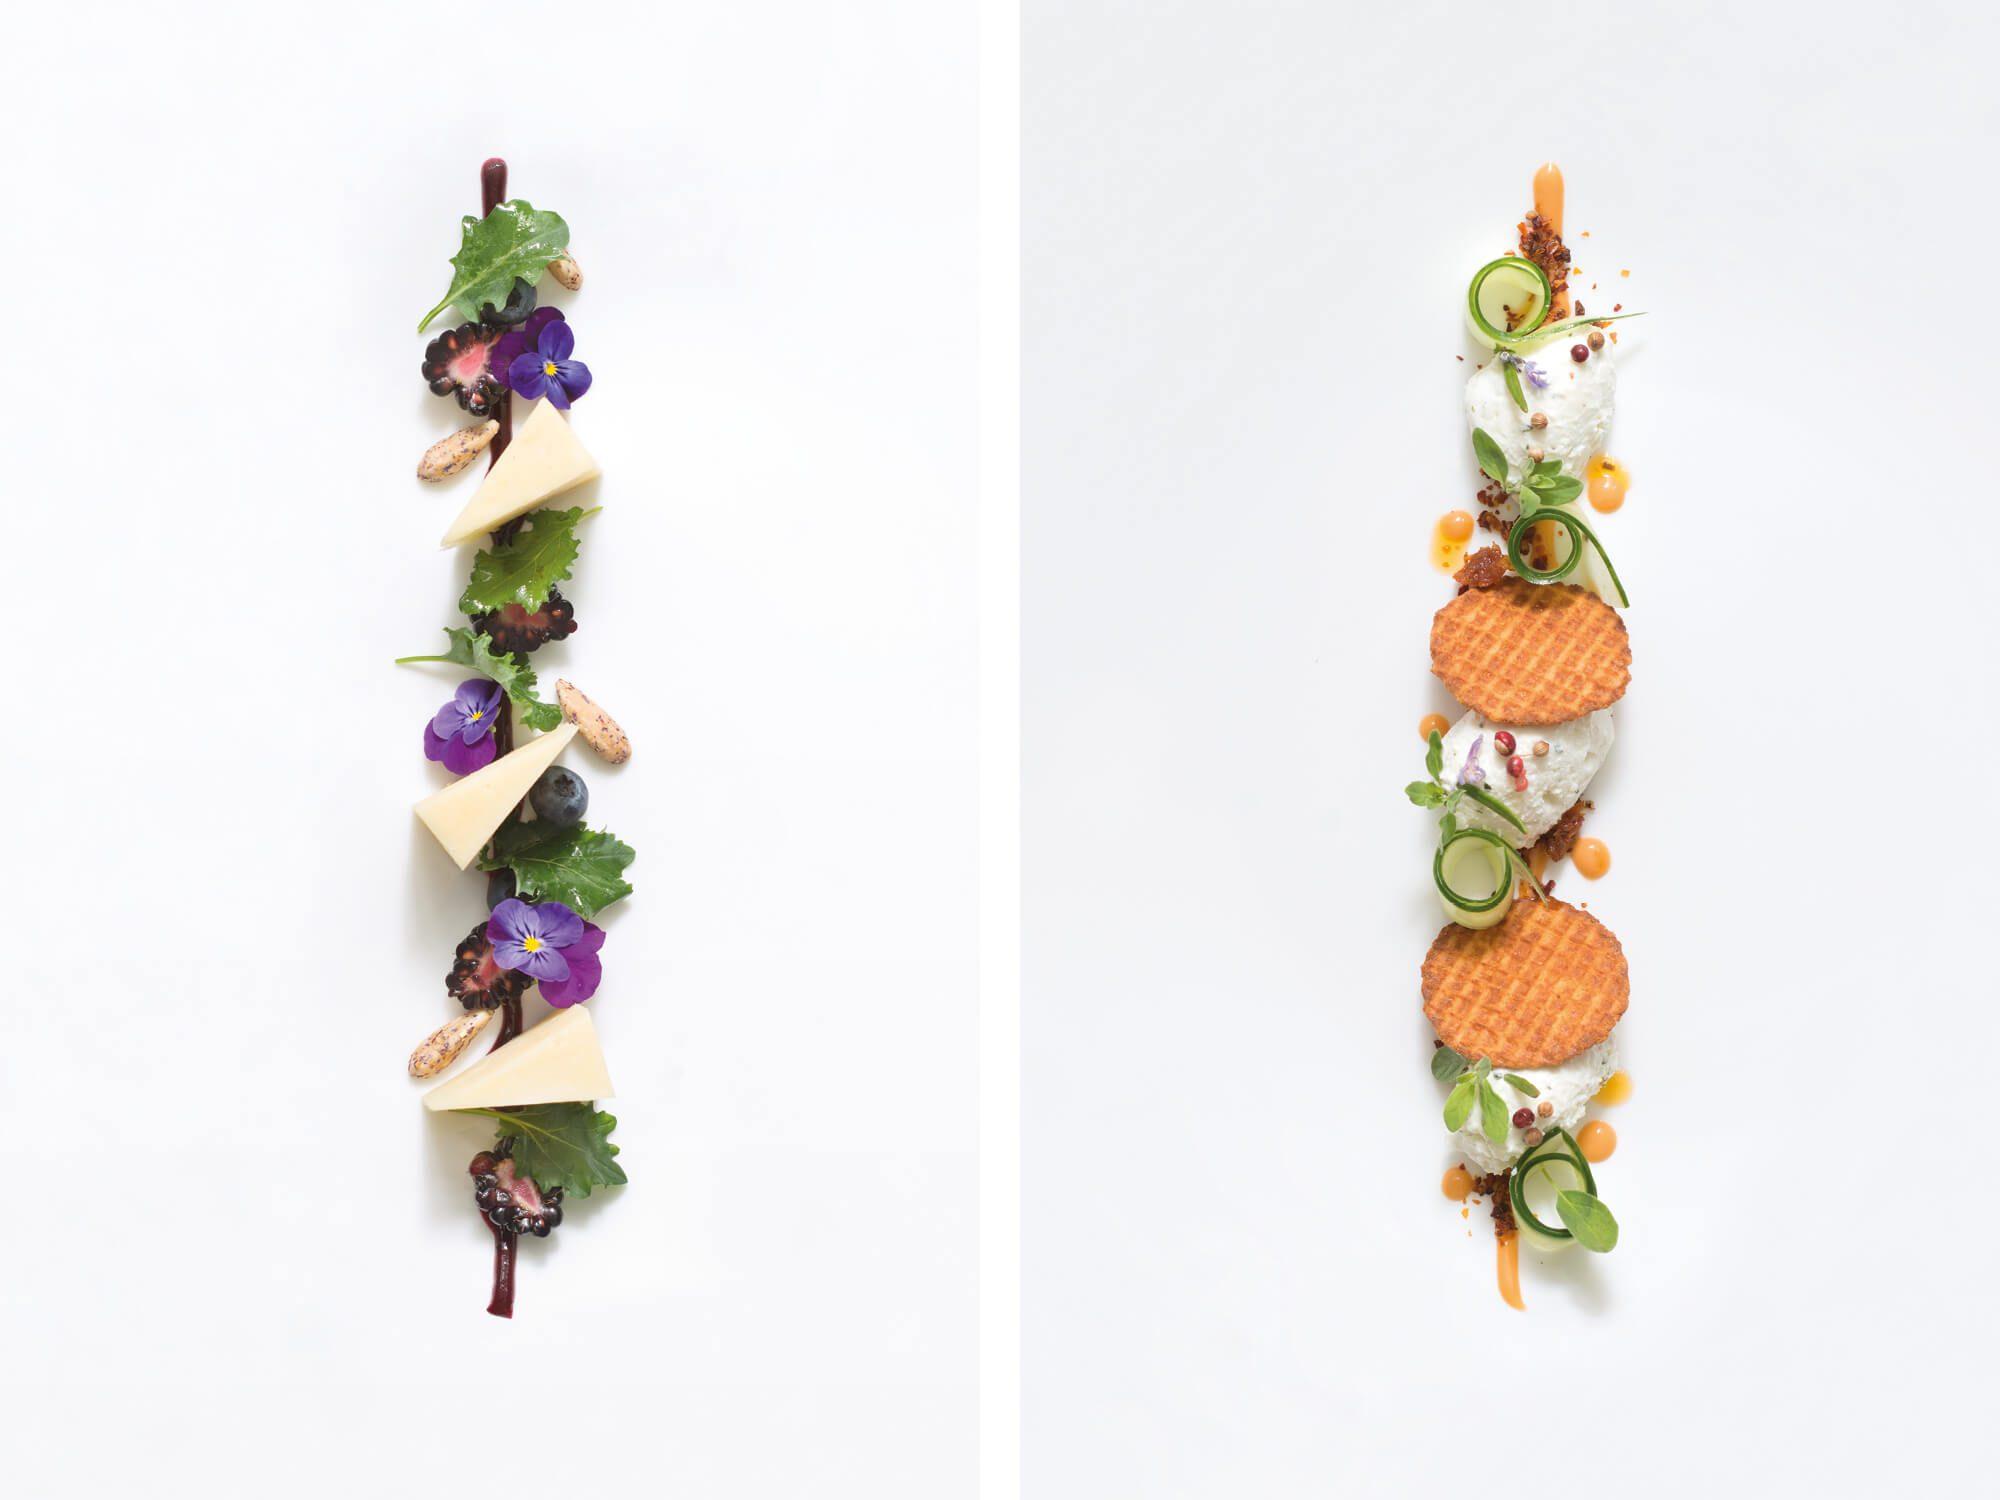 Les recettes de fromages pour le dessert de Valentin Neraudeau ont une direction atistique signée IchetKar